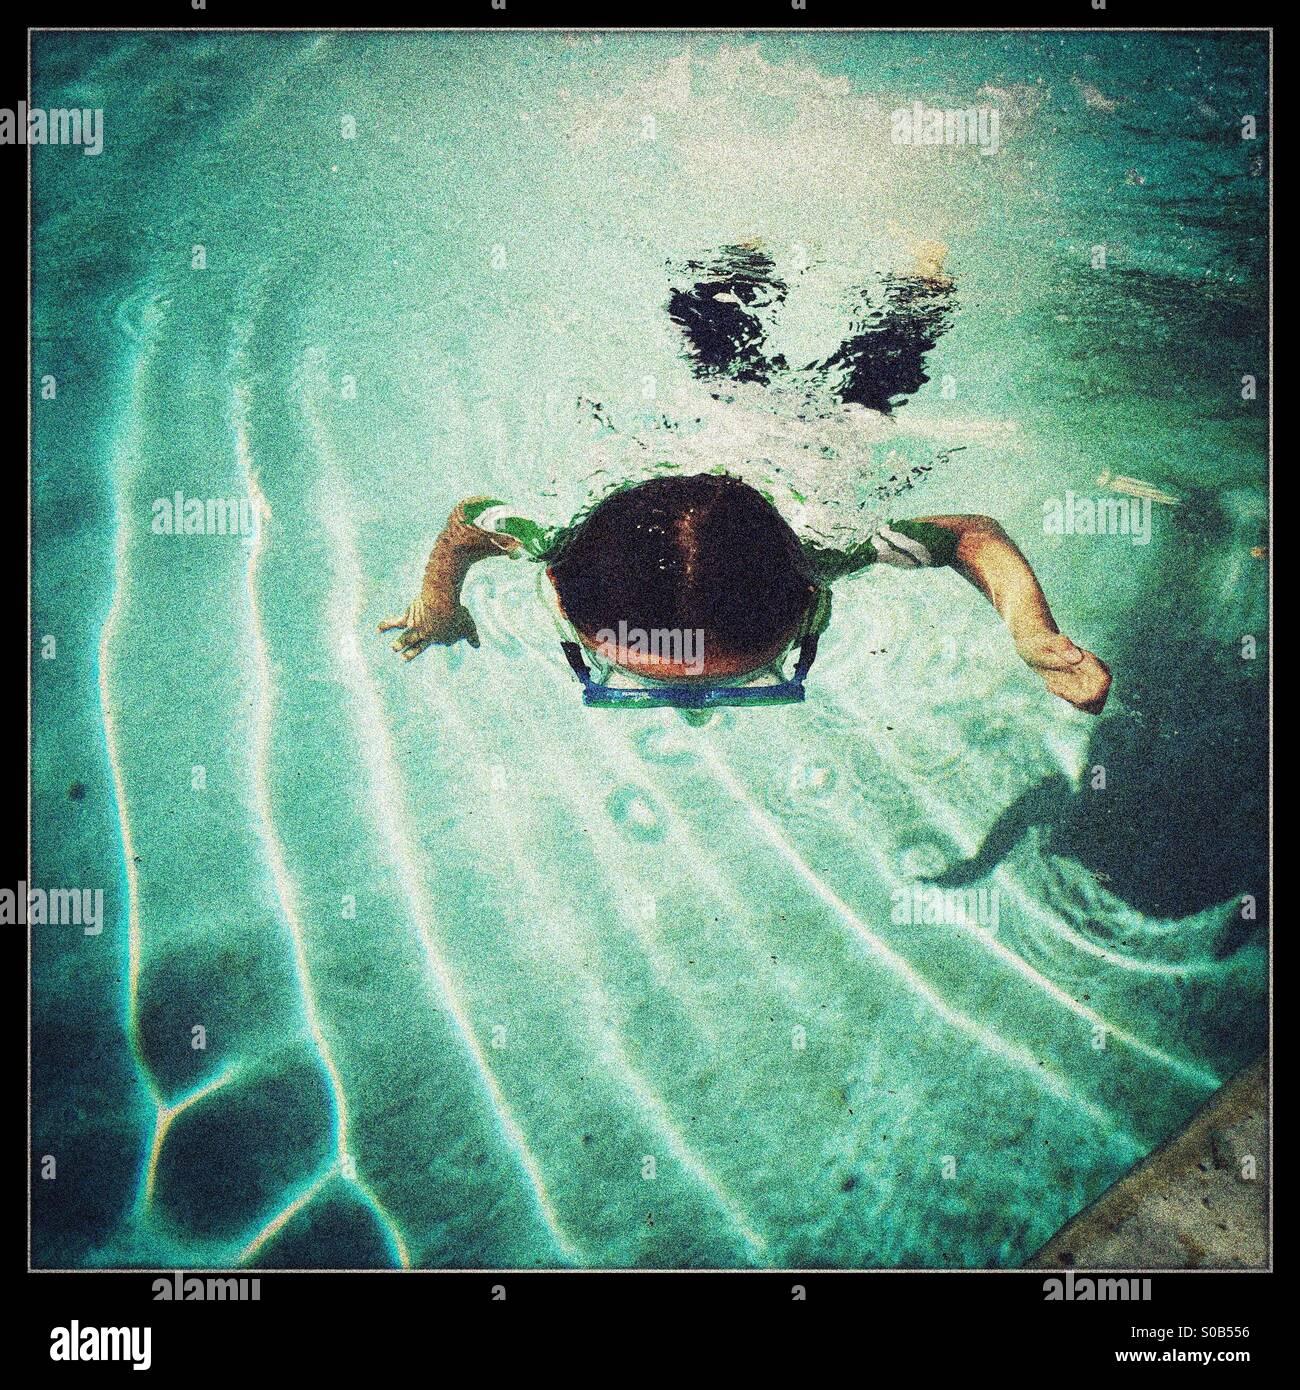 Un garçon de 7 ans nage sous l'eau dans une piscine. Photo Stock